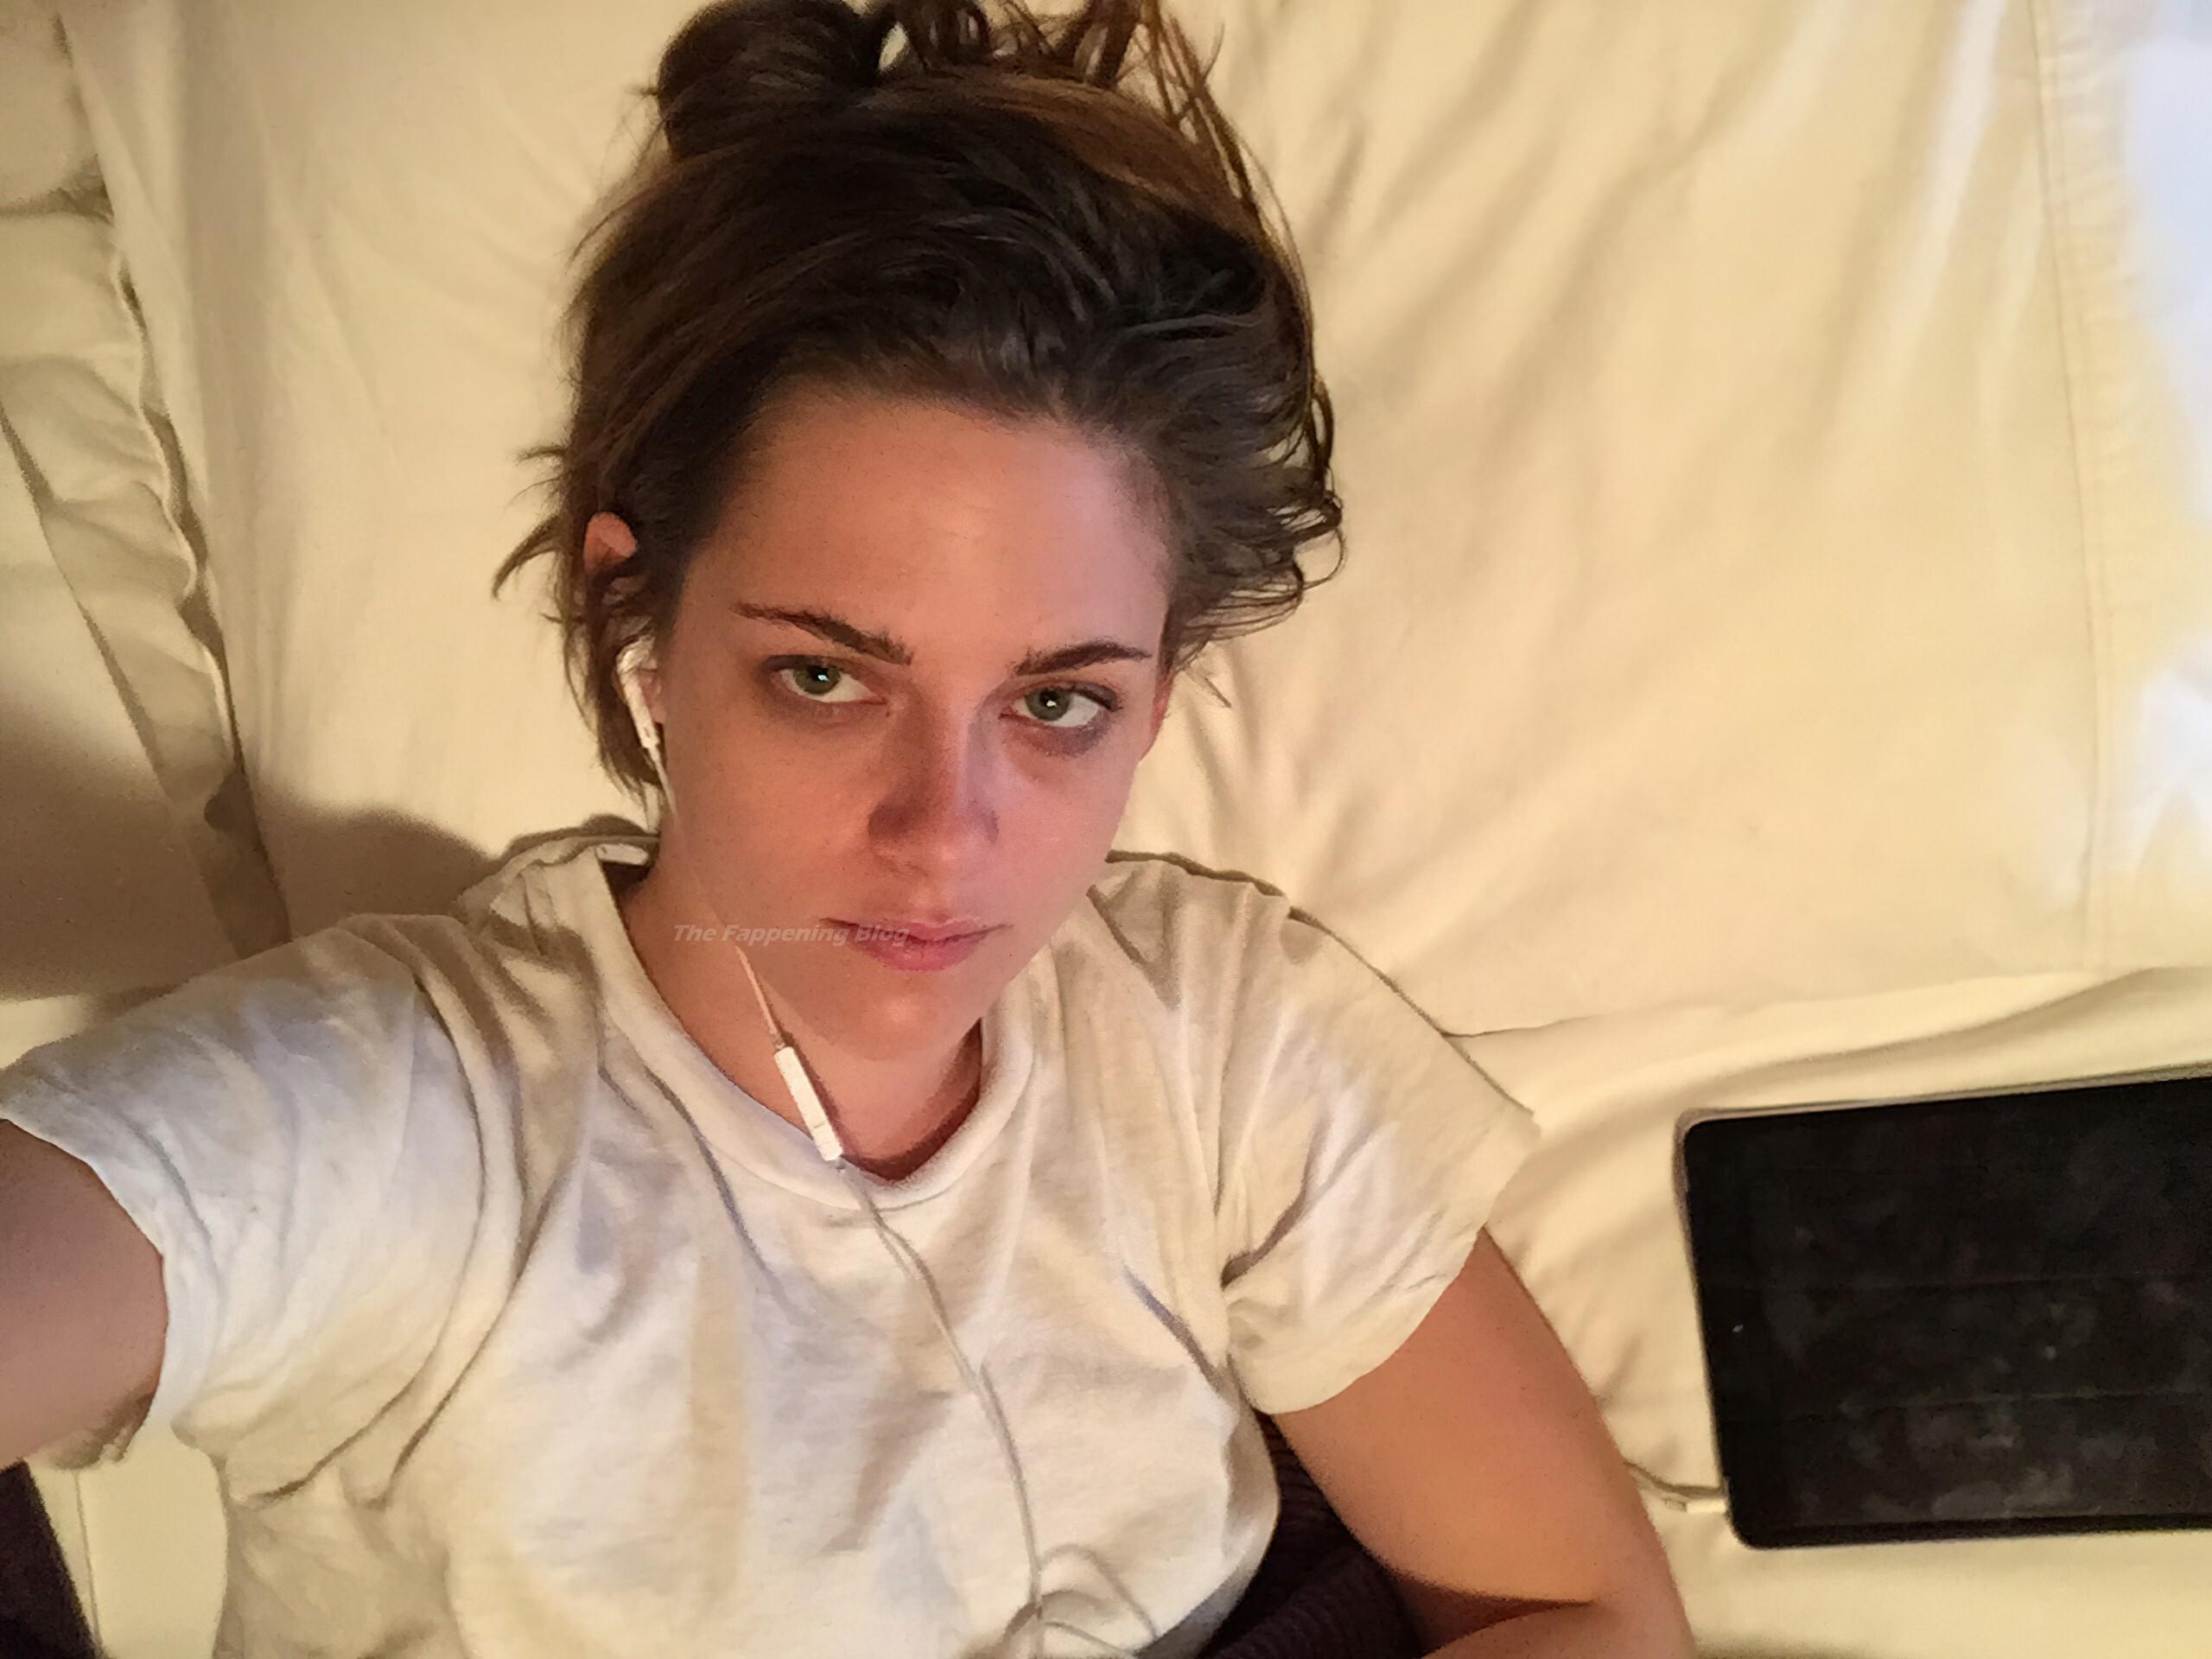 Kristen Stewart Sexy Leaked 3 fappenings.com1